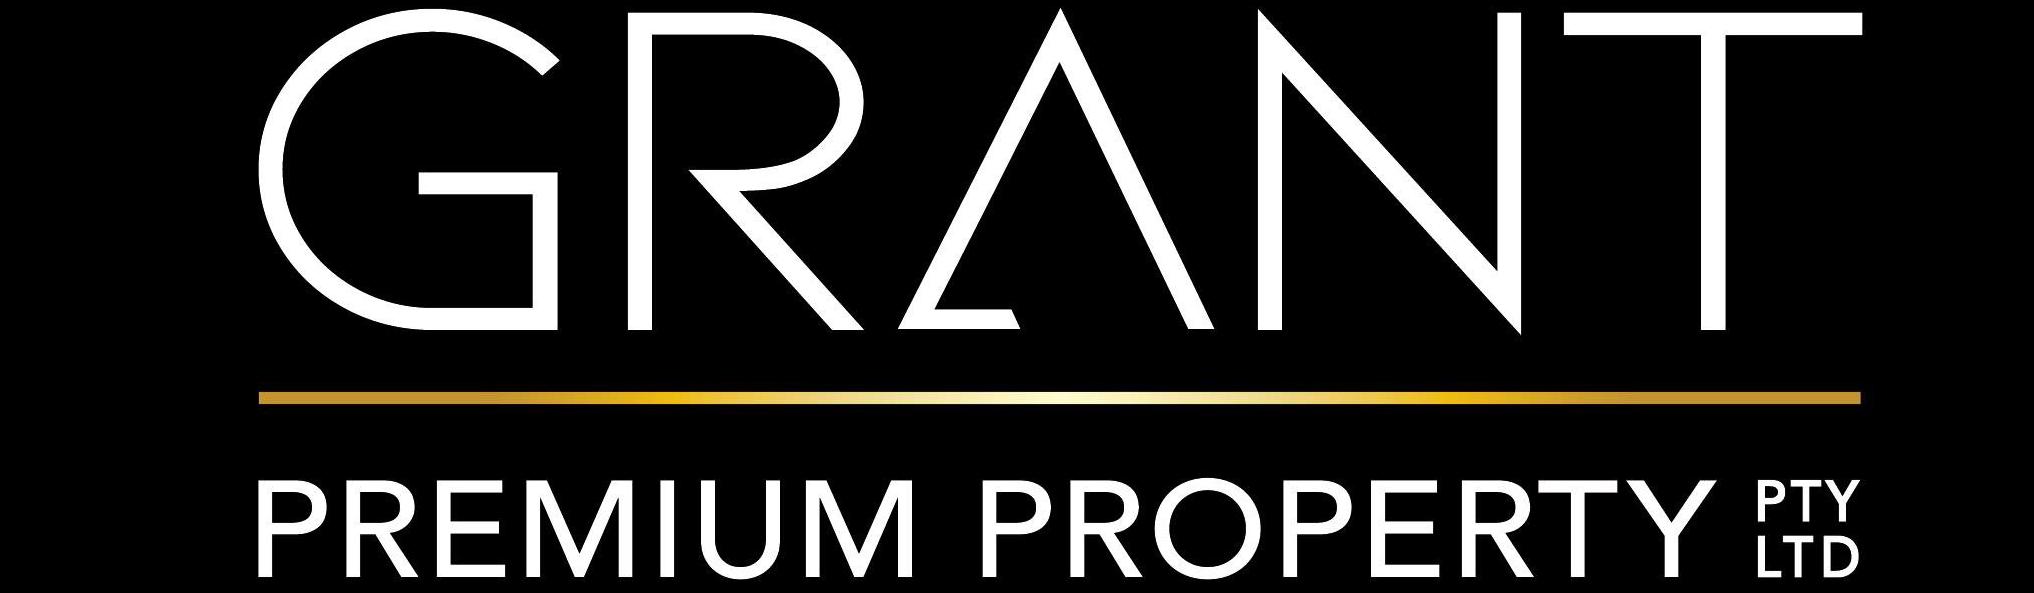 Grant Premium Property